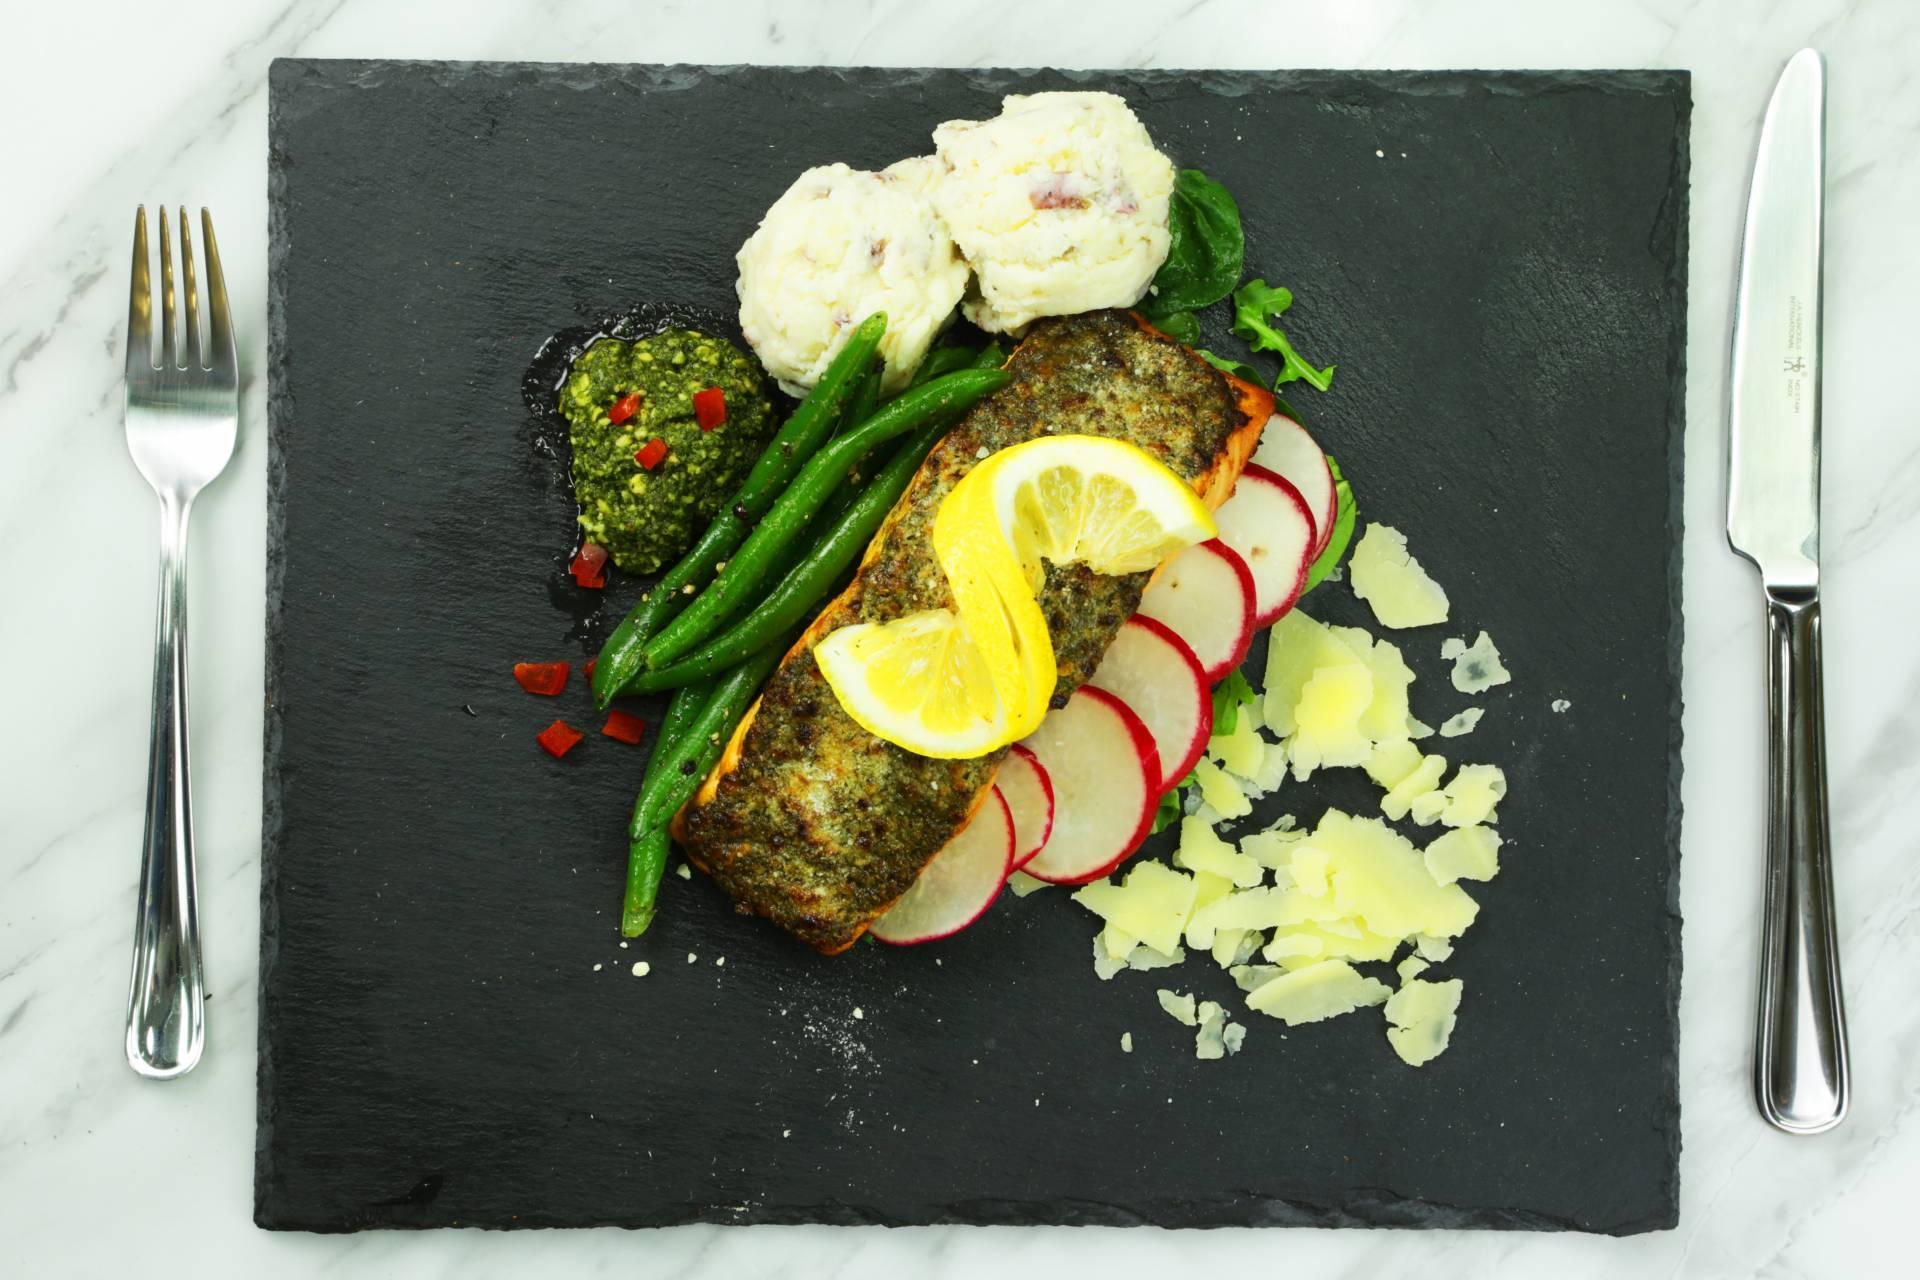 Pesto Encrusted Salmon